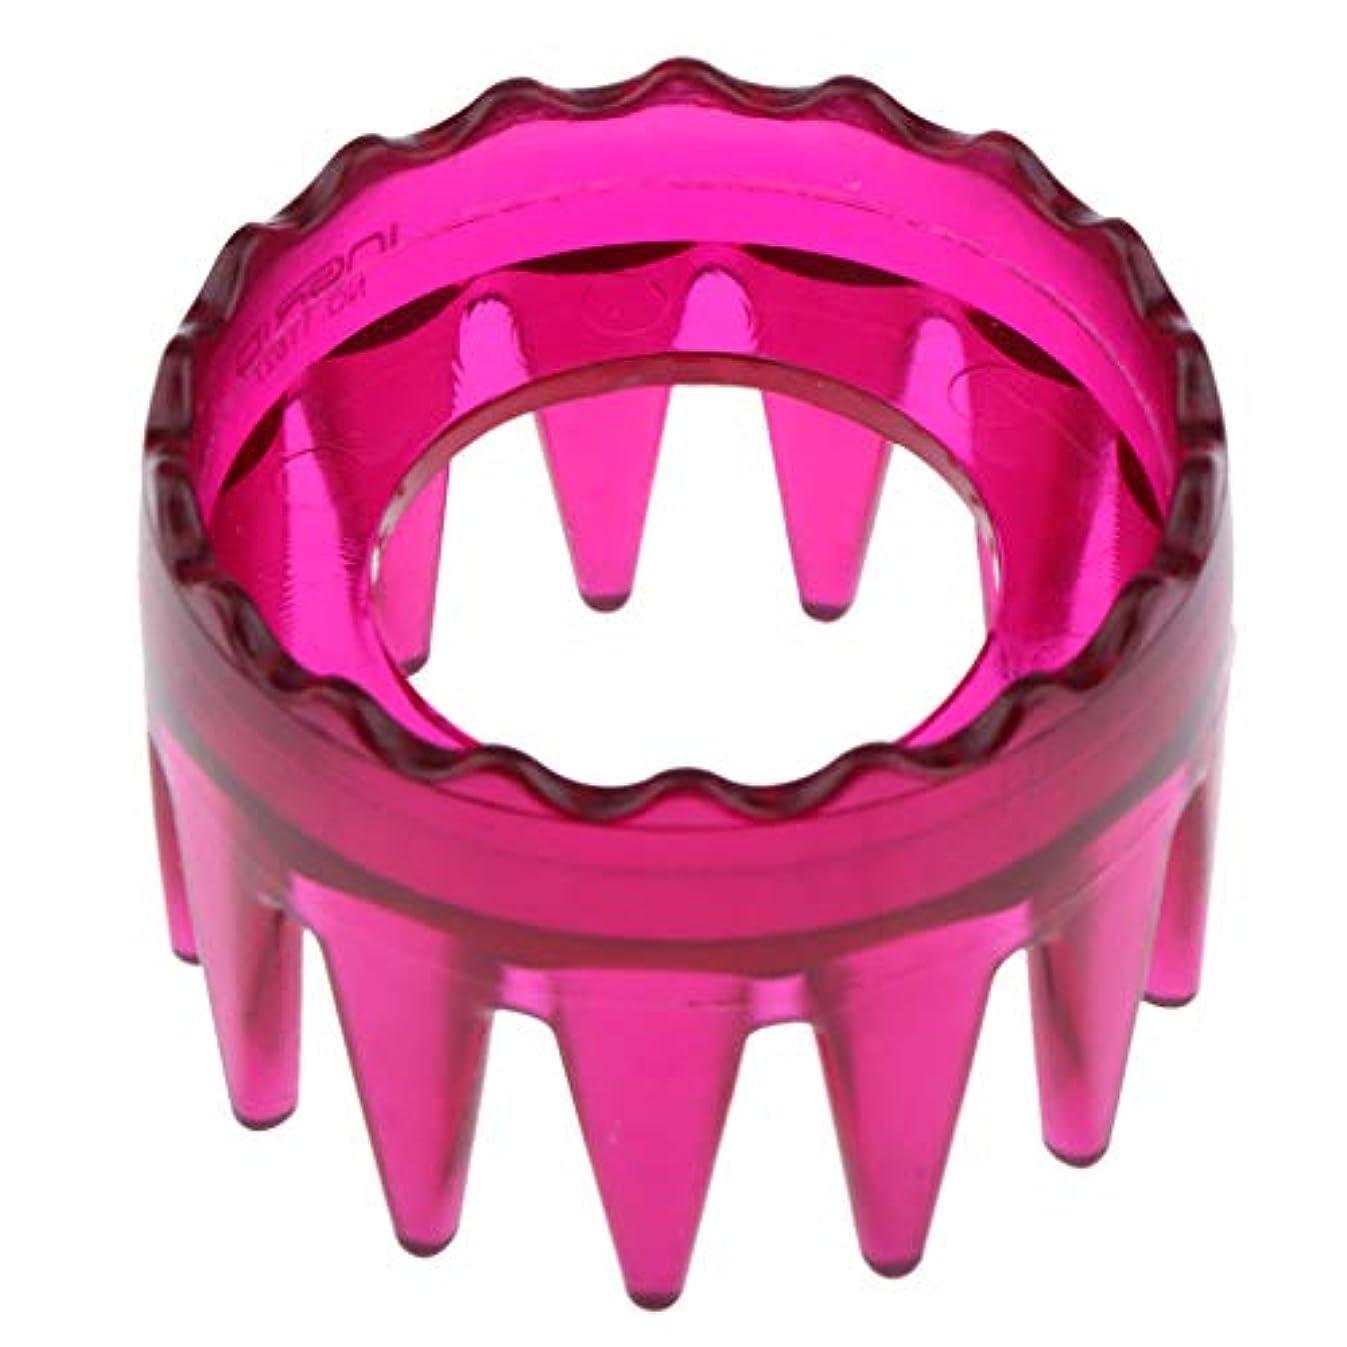 設計図謝罪する乱気流シャンプーブラシ 洗髪櫛 マッサージャー ヘアコーム ヘアブラシ プラスチック製 全4色 - ローズレッド